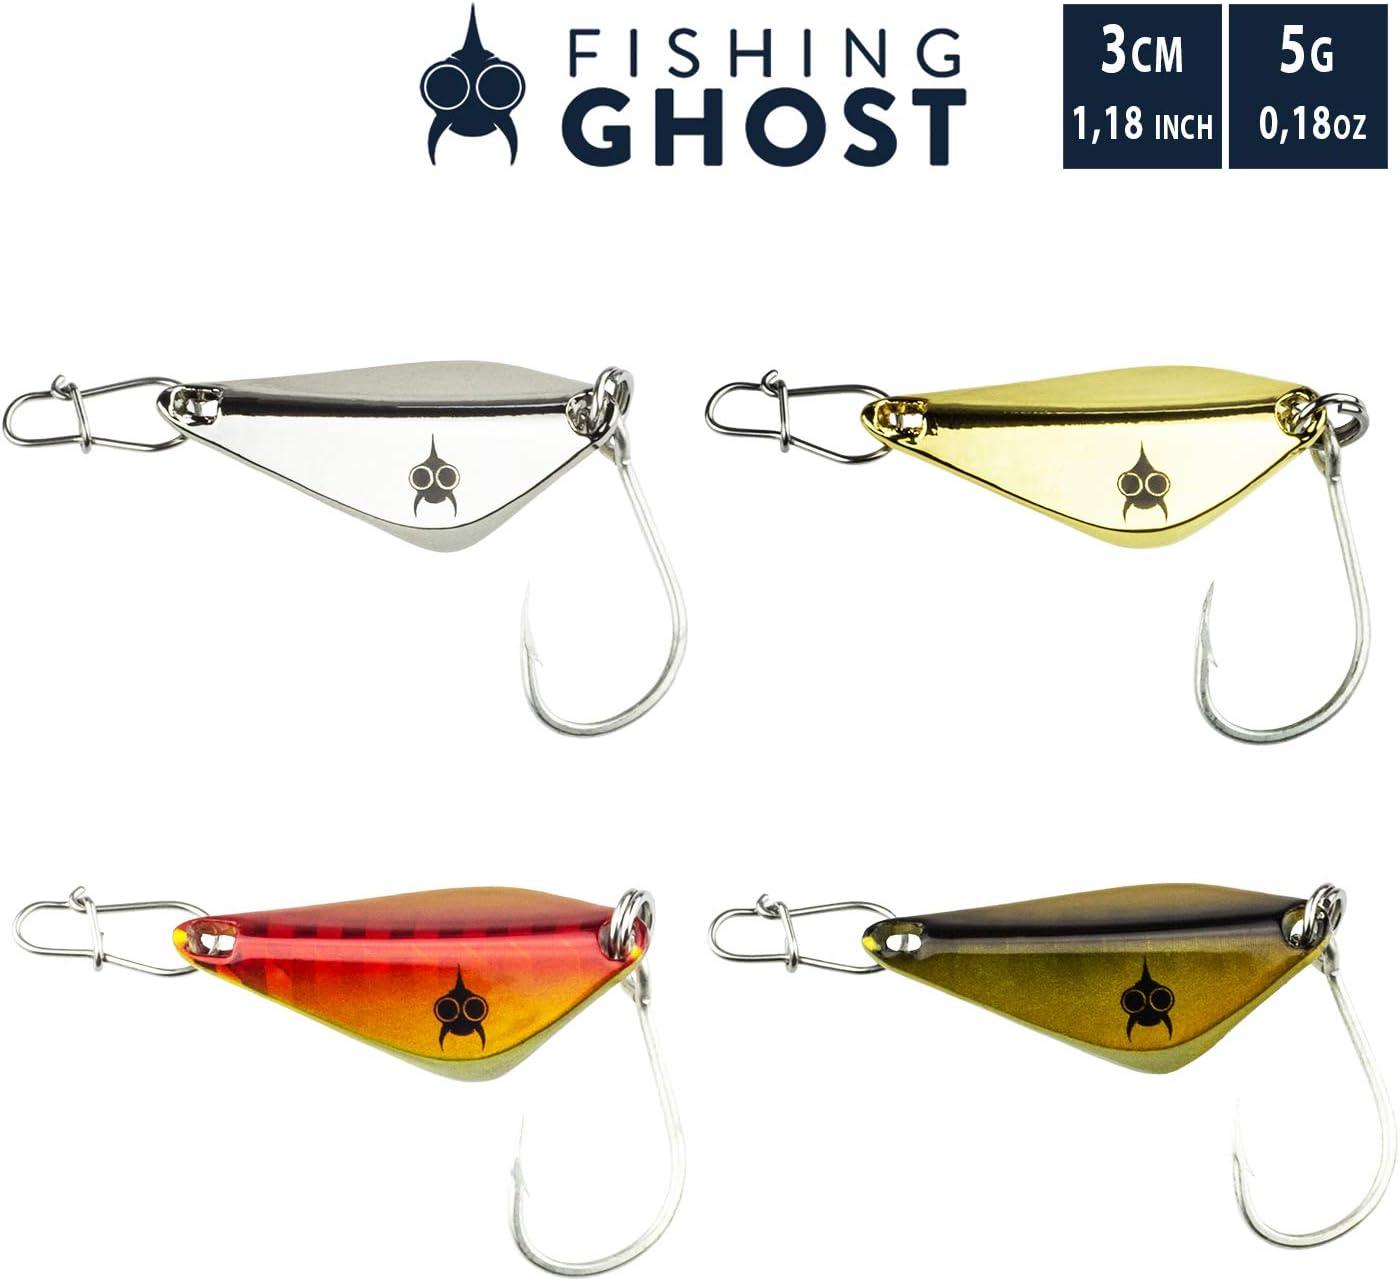 Spoon zum Angeln auf Seeforelle Inhalt 5 Farben mit je 1 Karabiner 4,7cm Zander Meerforelle FISHINGGHOST/® Blinker Set BLISSI 9gr Hecht im Camo Design Waller